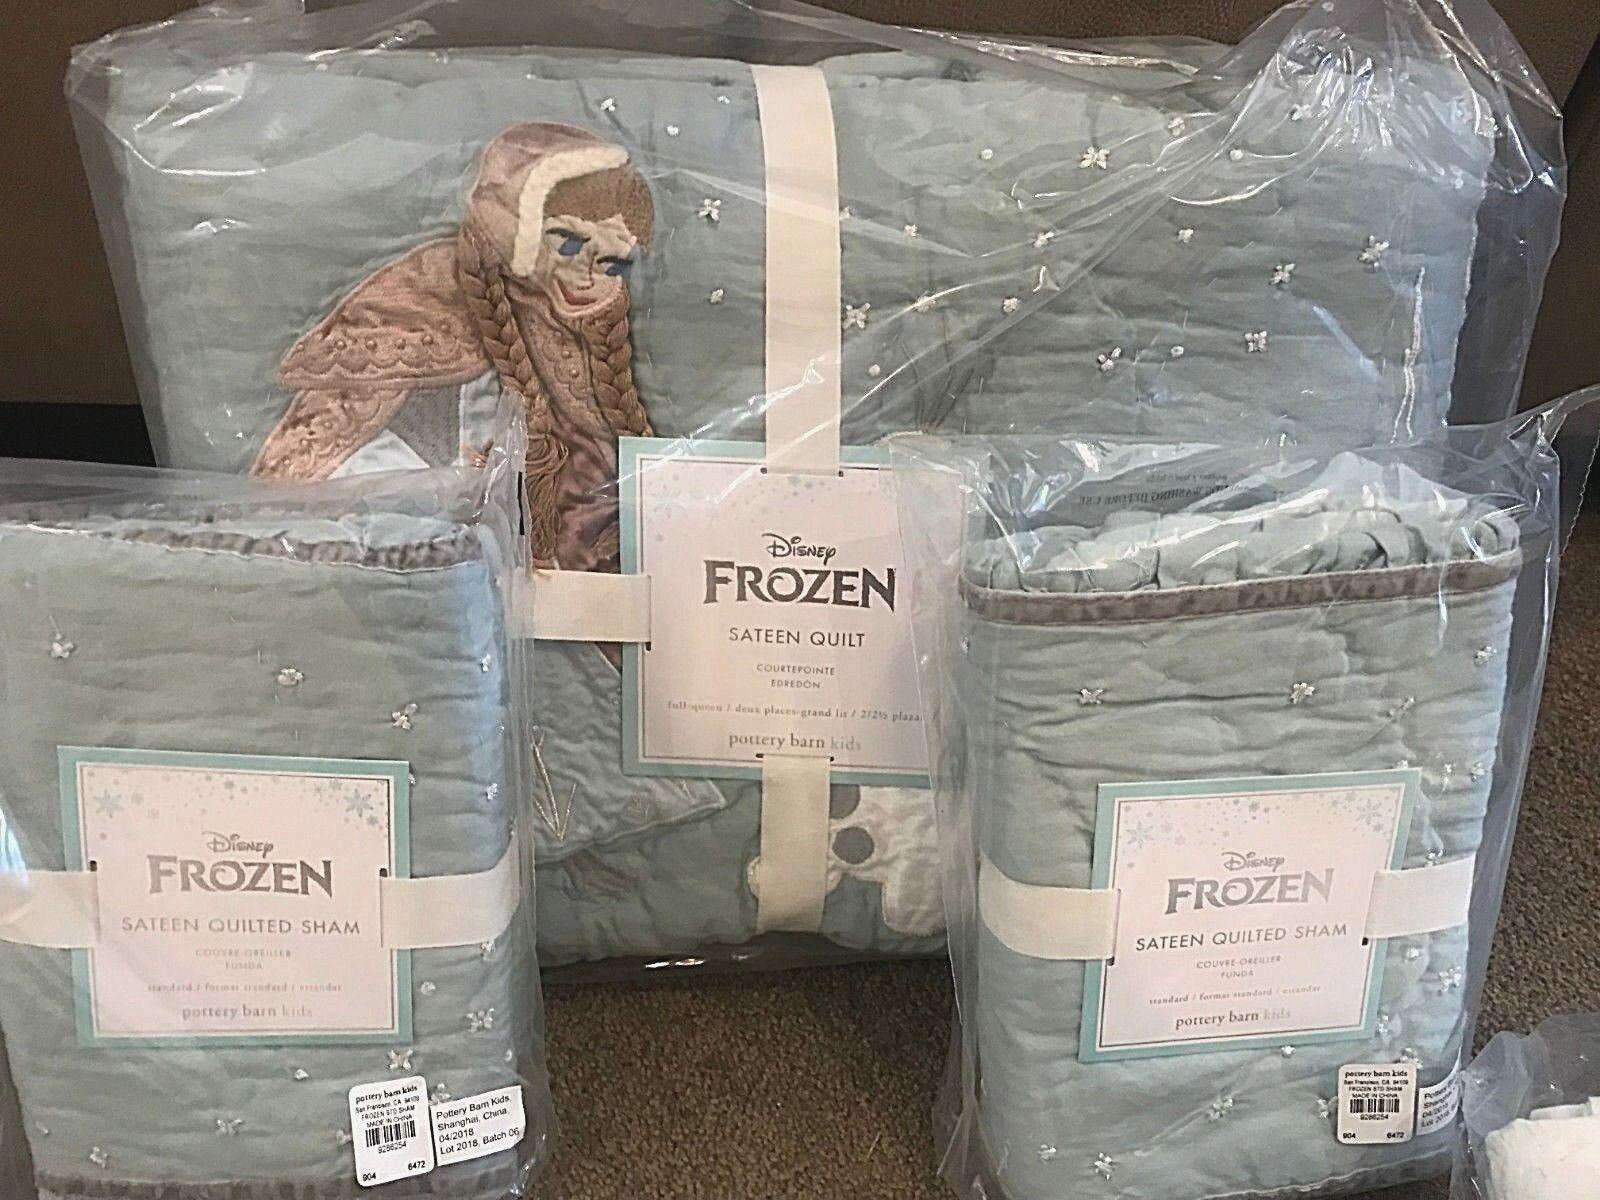 Pottery Barn Kids Disney FROZEN full quilt shams sheet set i